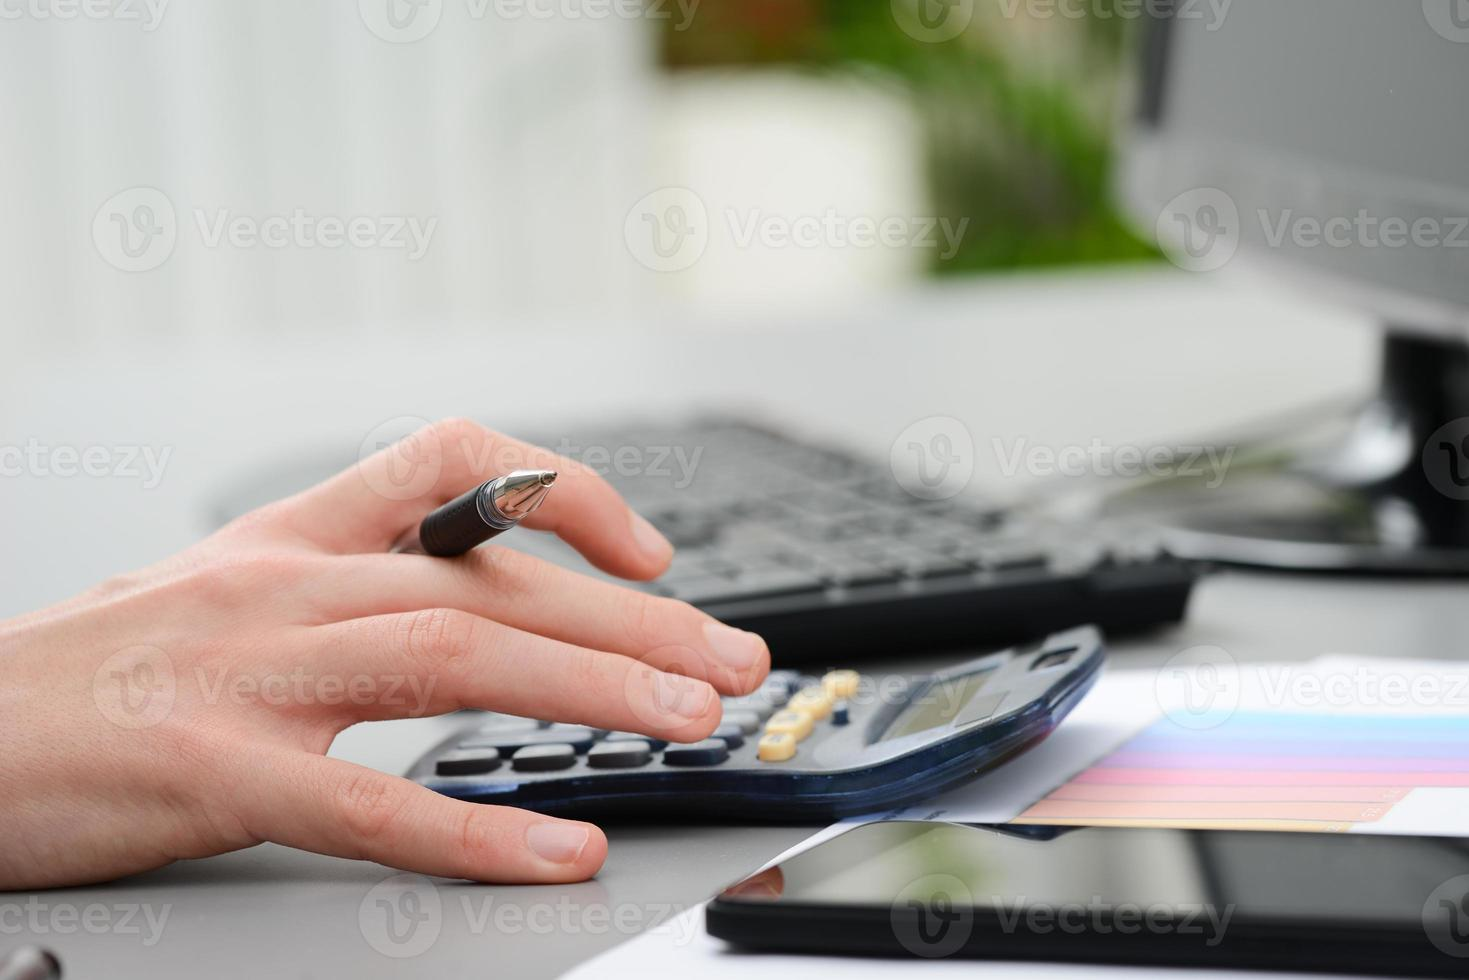 Détail des mains tapant sur la calculatrice avec clavier d'ordinateur de bureau photo